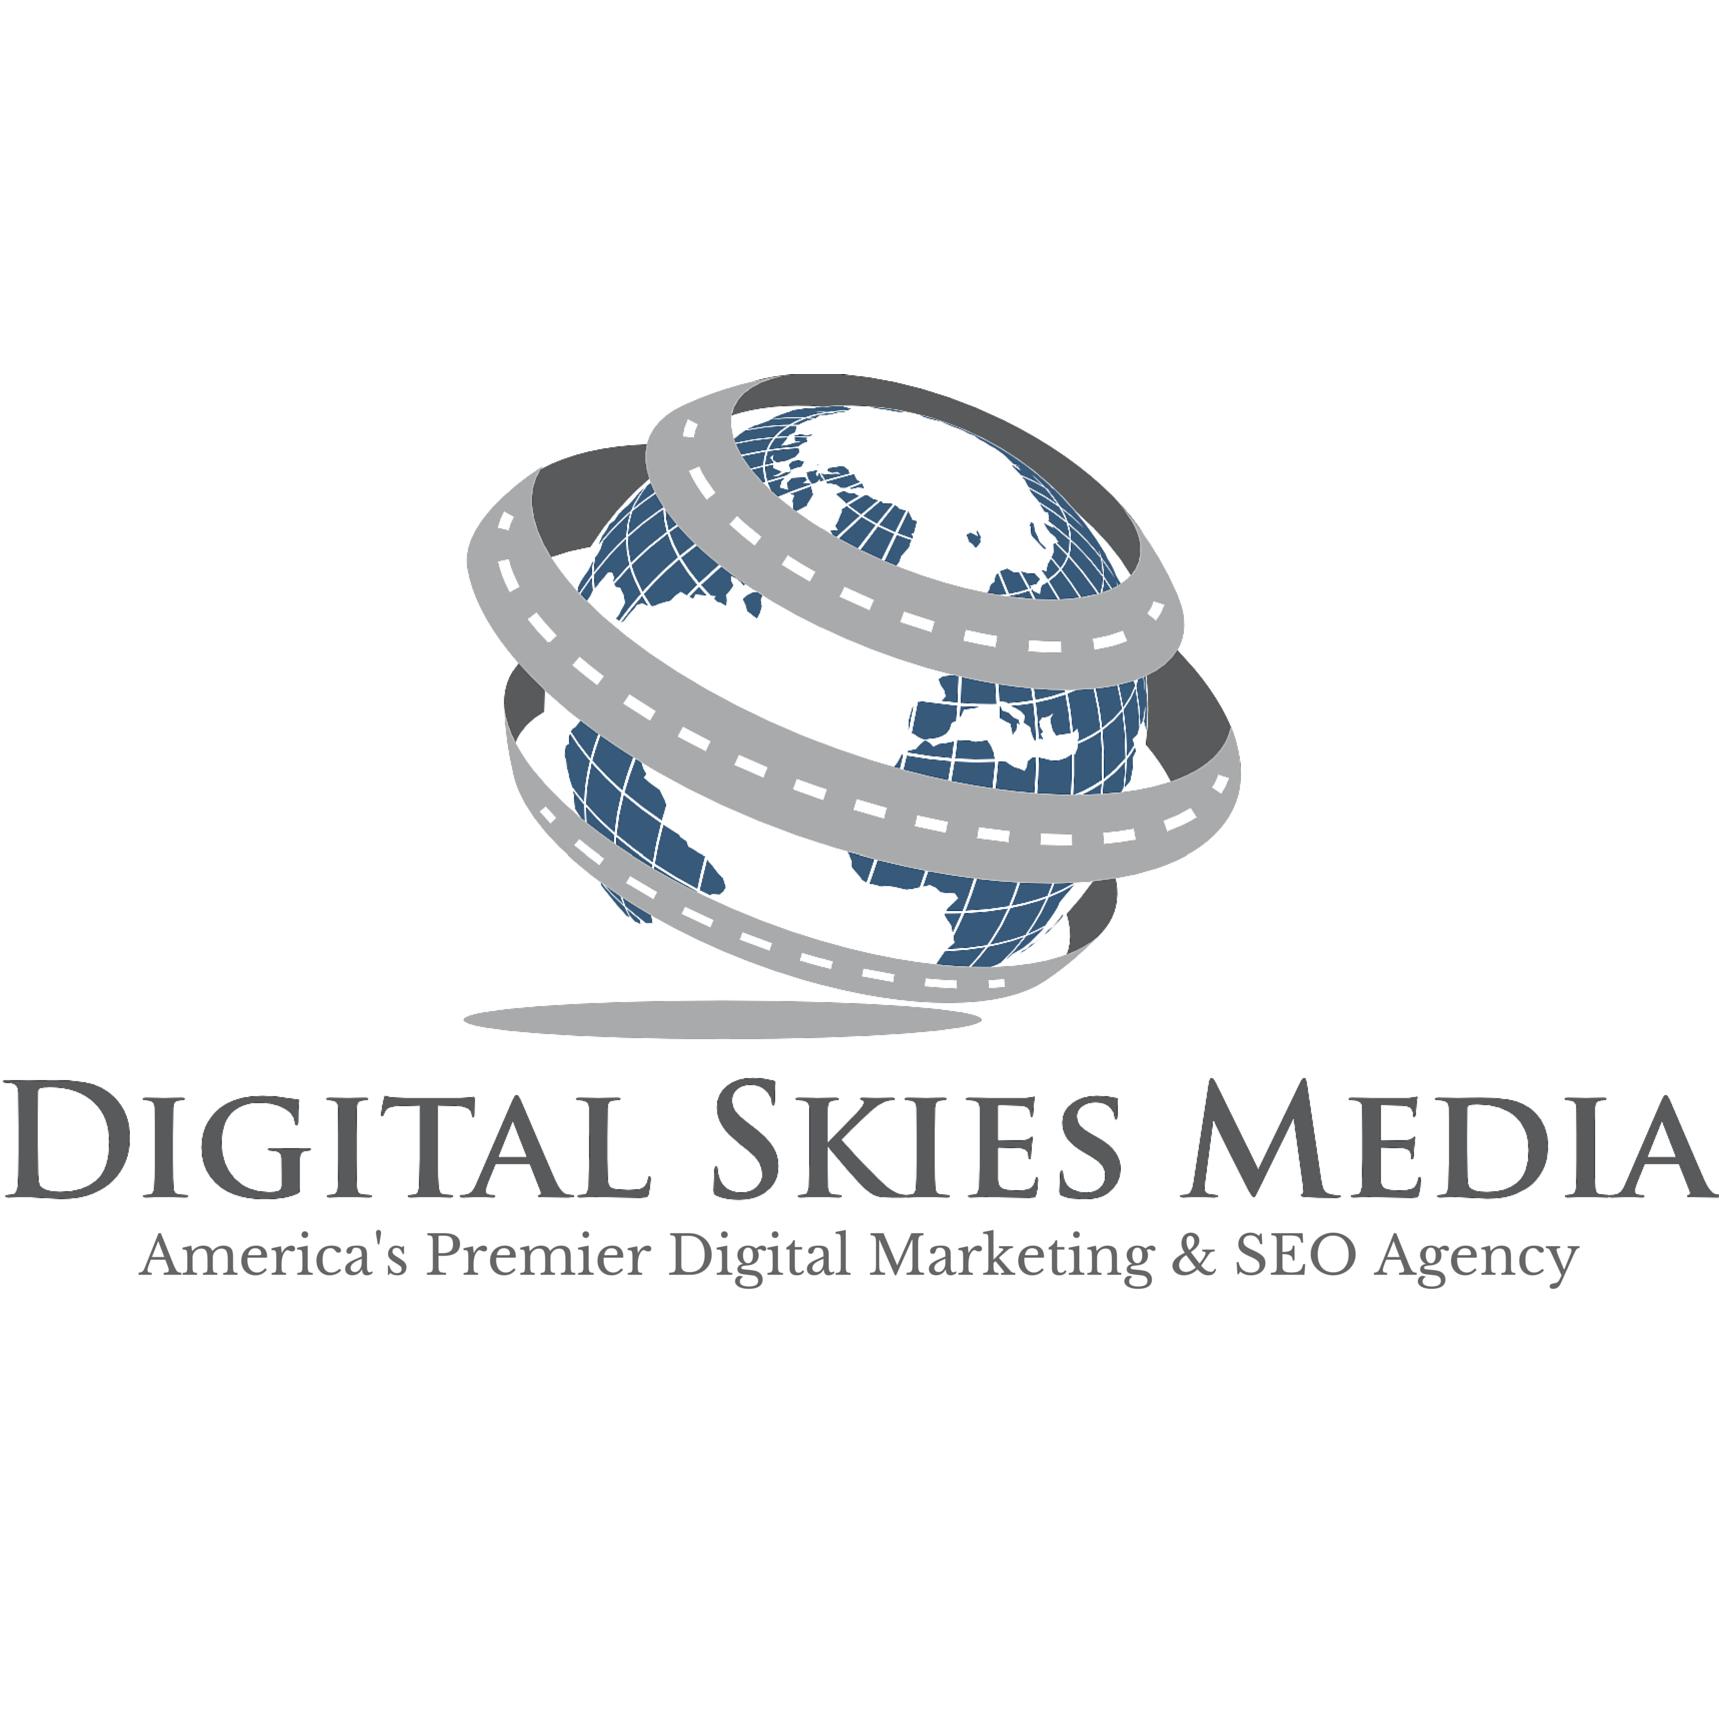 Digital Skies Media